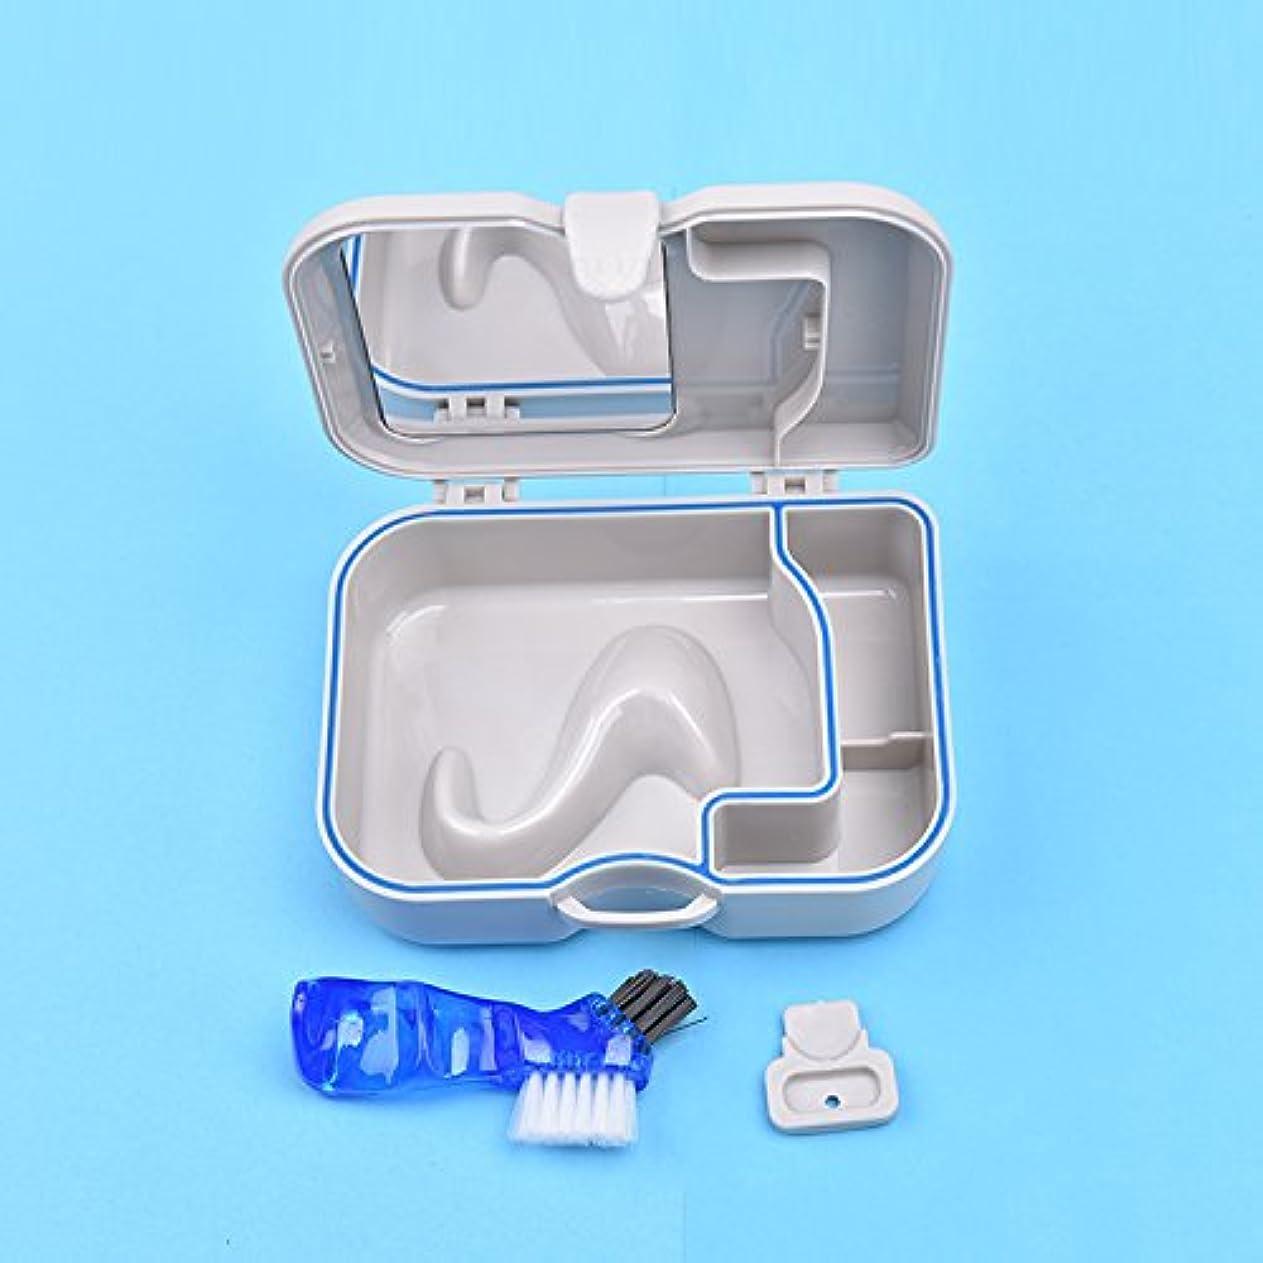 調整干渉遺伝子入れ歯ケース セット 鏡とブラシ付き義歯ケース Annhua